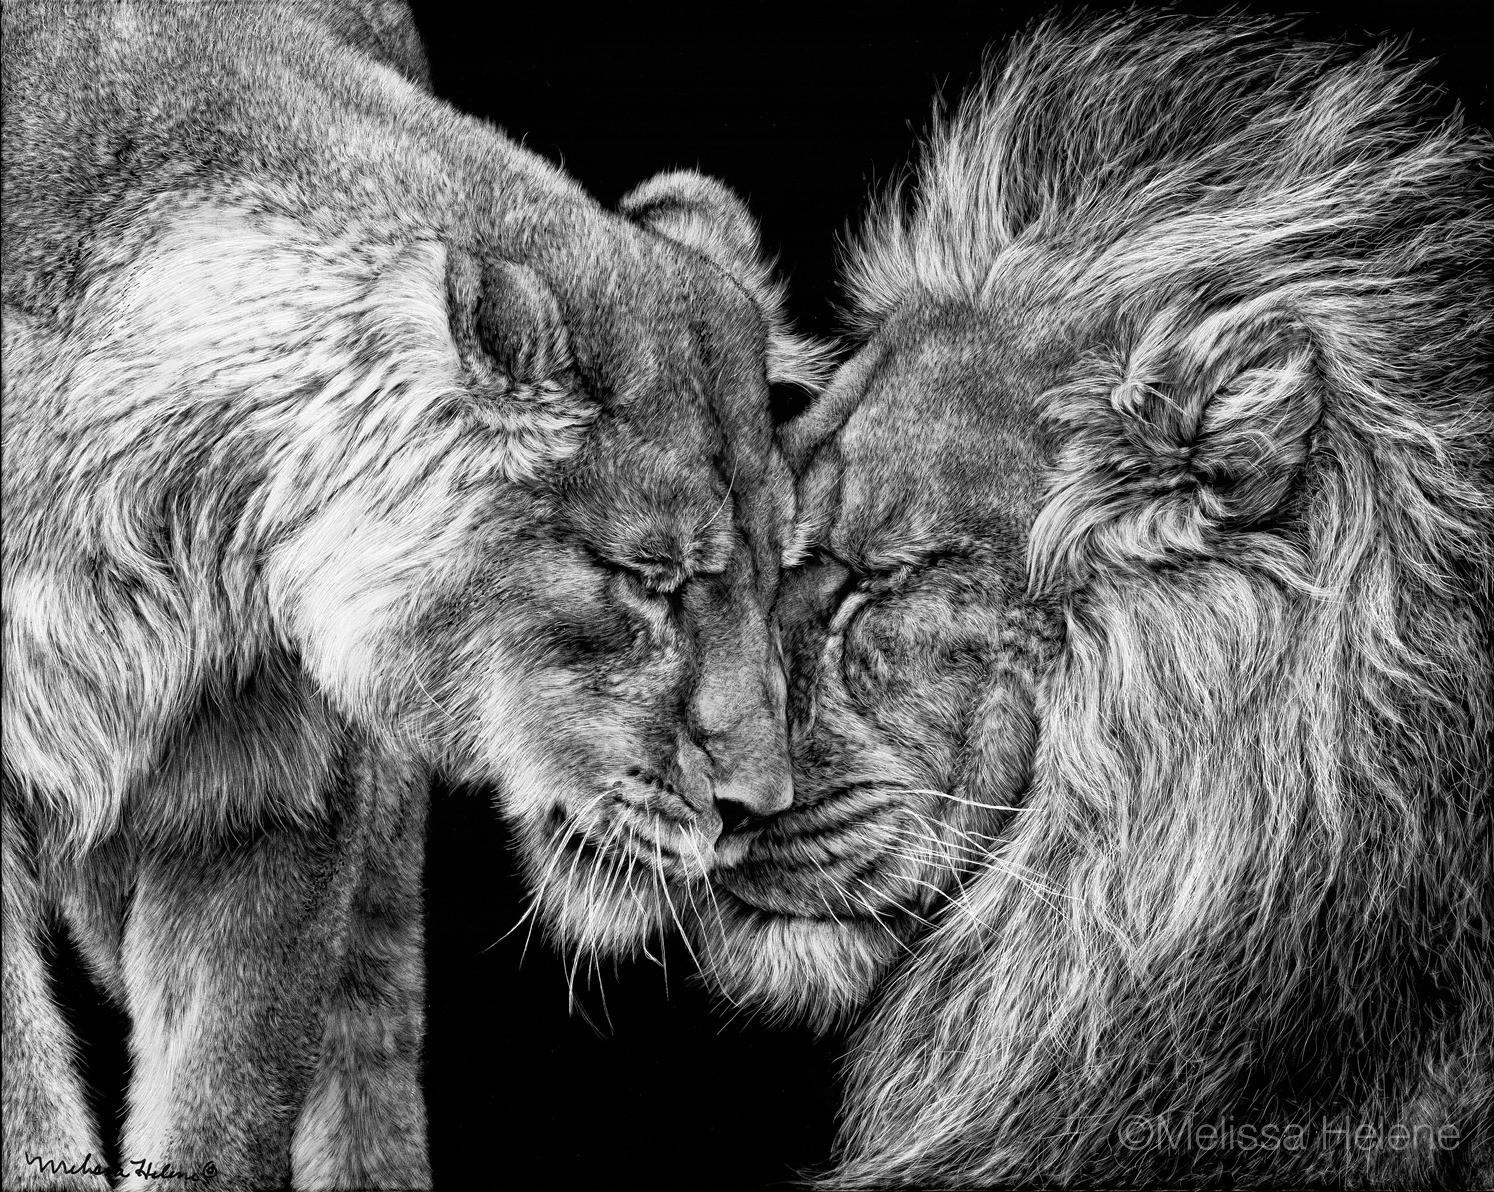 лев и тигрица картинка черно белая обсуждаются новые проекты